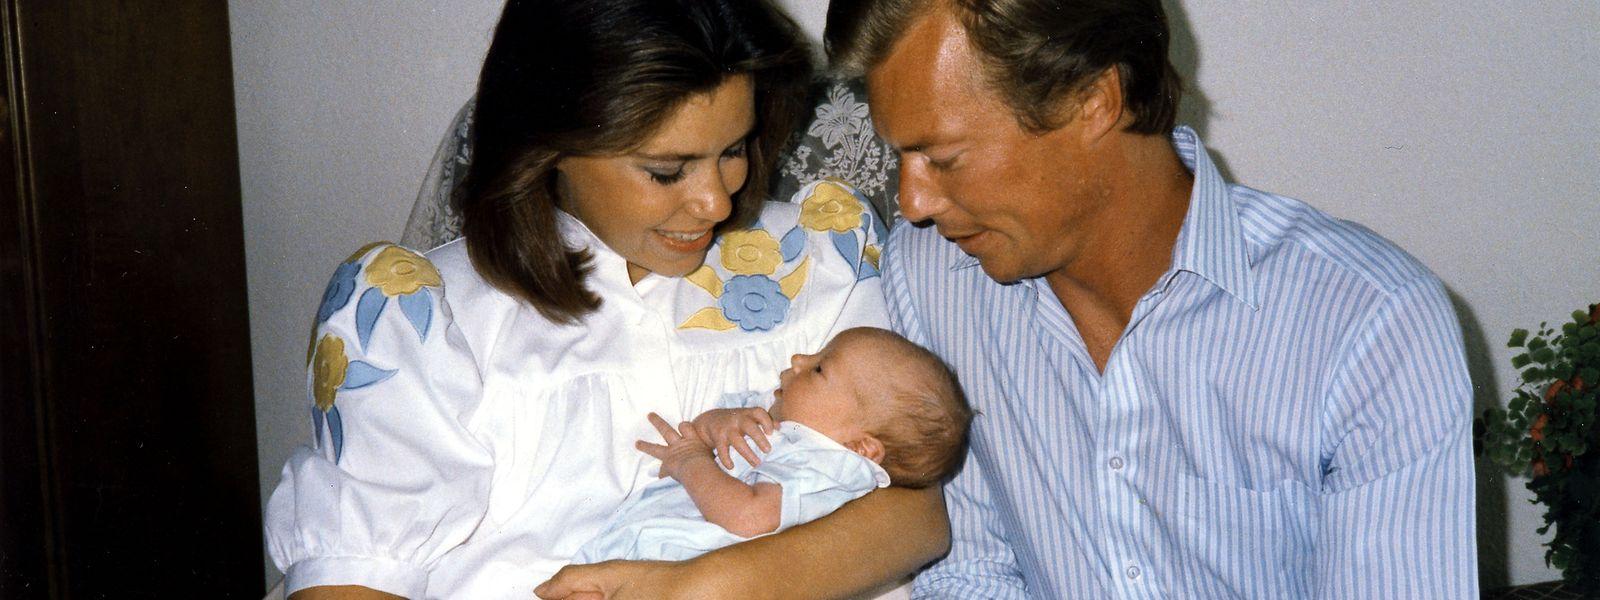 Erstes Familienfoto - kurz nach der Geburt im Jahr 1986: Prinz Louis mit seinen Eltern, dem damaligen Erbgroßherzog Henri und seiner Frau Maria Teresa.